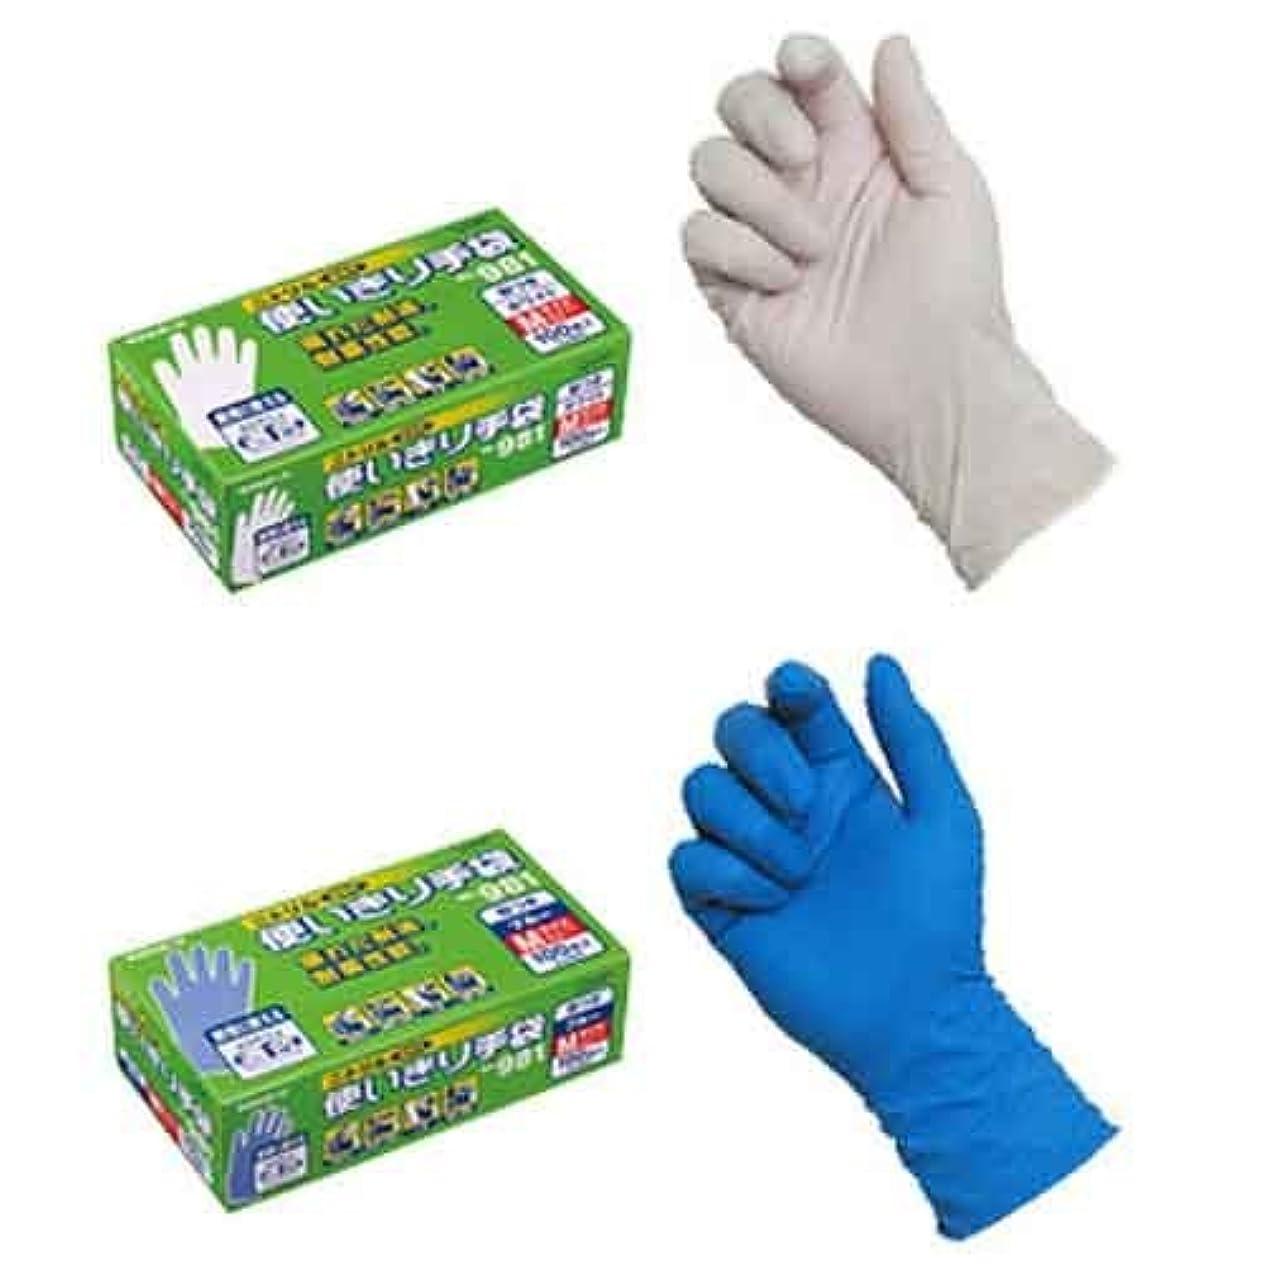 ほめる暴力サーバントモデルローブNo981ニトリル使いきり手袋粉つき100枚ブルーSS